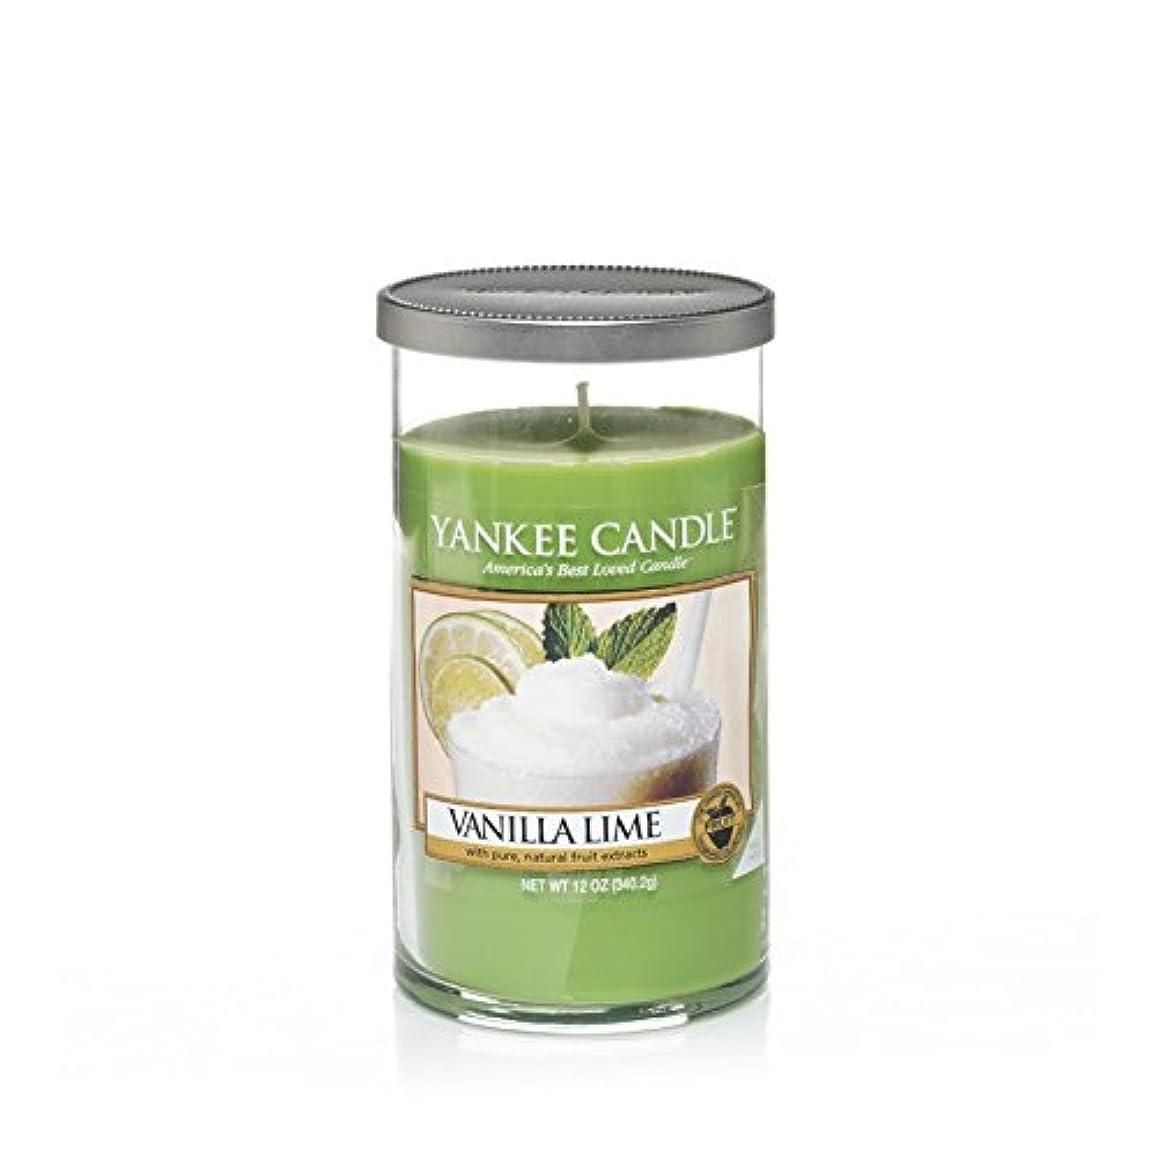 尾軍隊持続的Yankee Candles Medium Pillar Candle - Vanilla Lime (Pack of 2) - ヤンキーキャンドルメディアピラーキャンドル - バニラライム (x2) [並行輸入品]